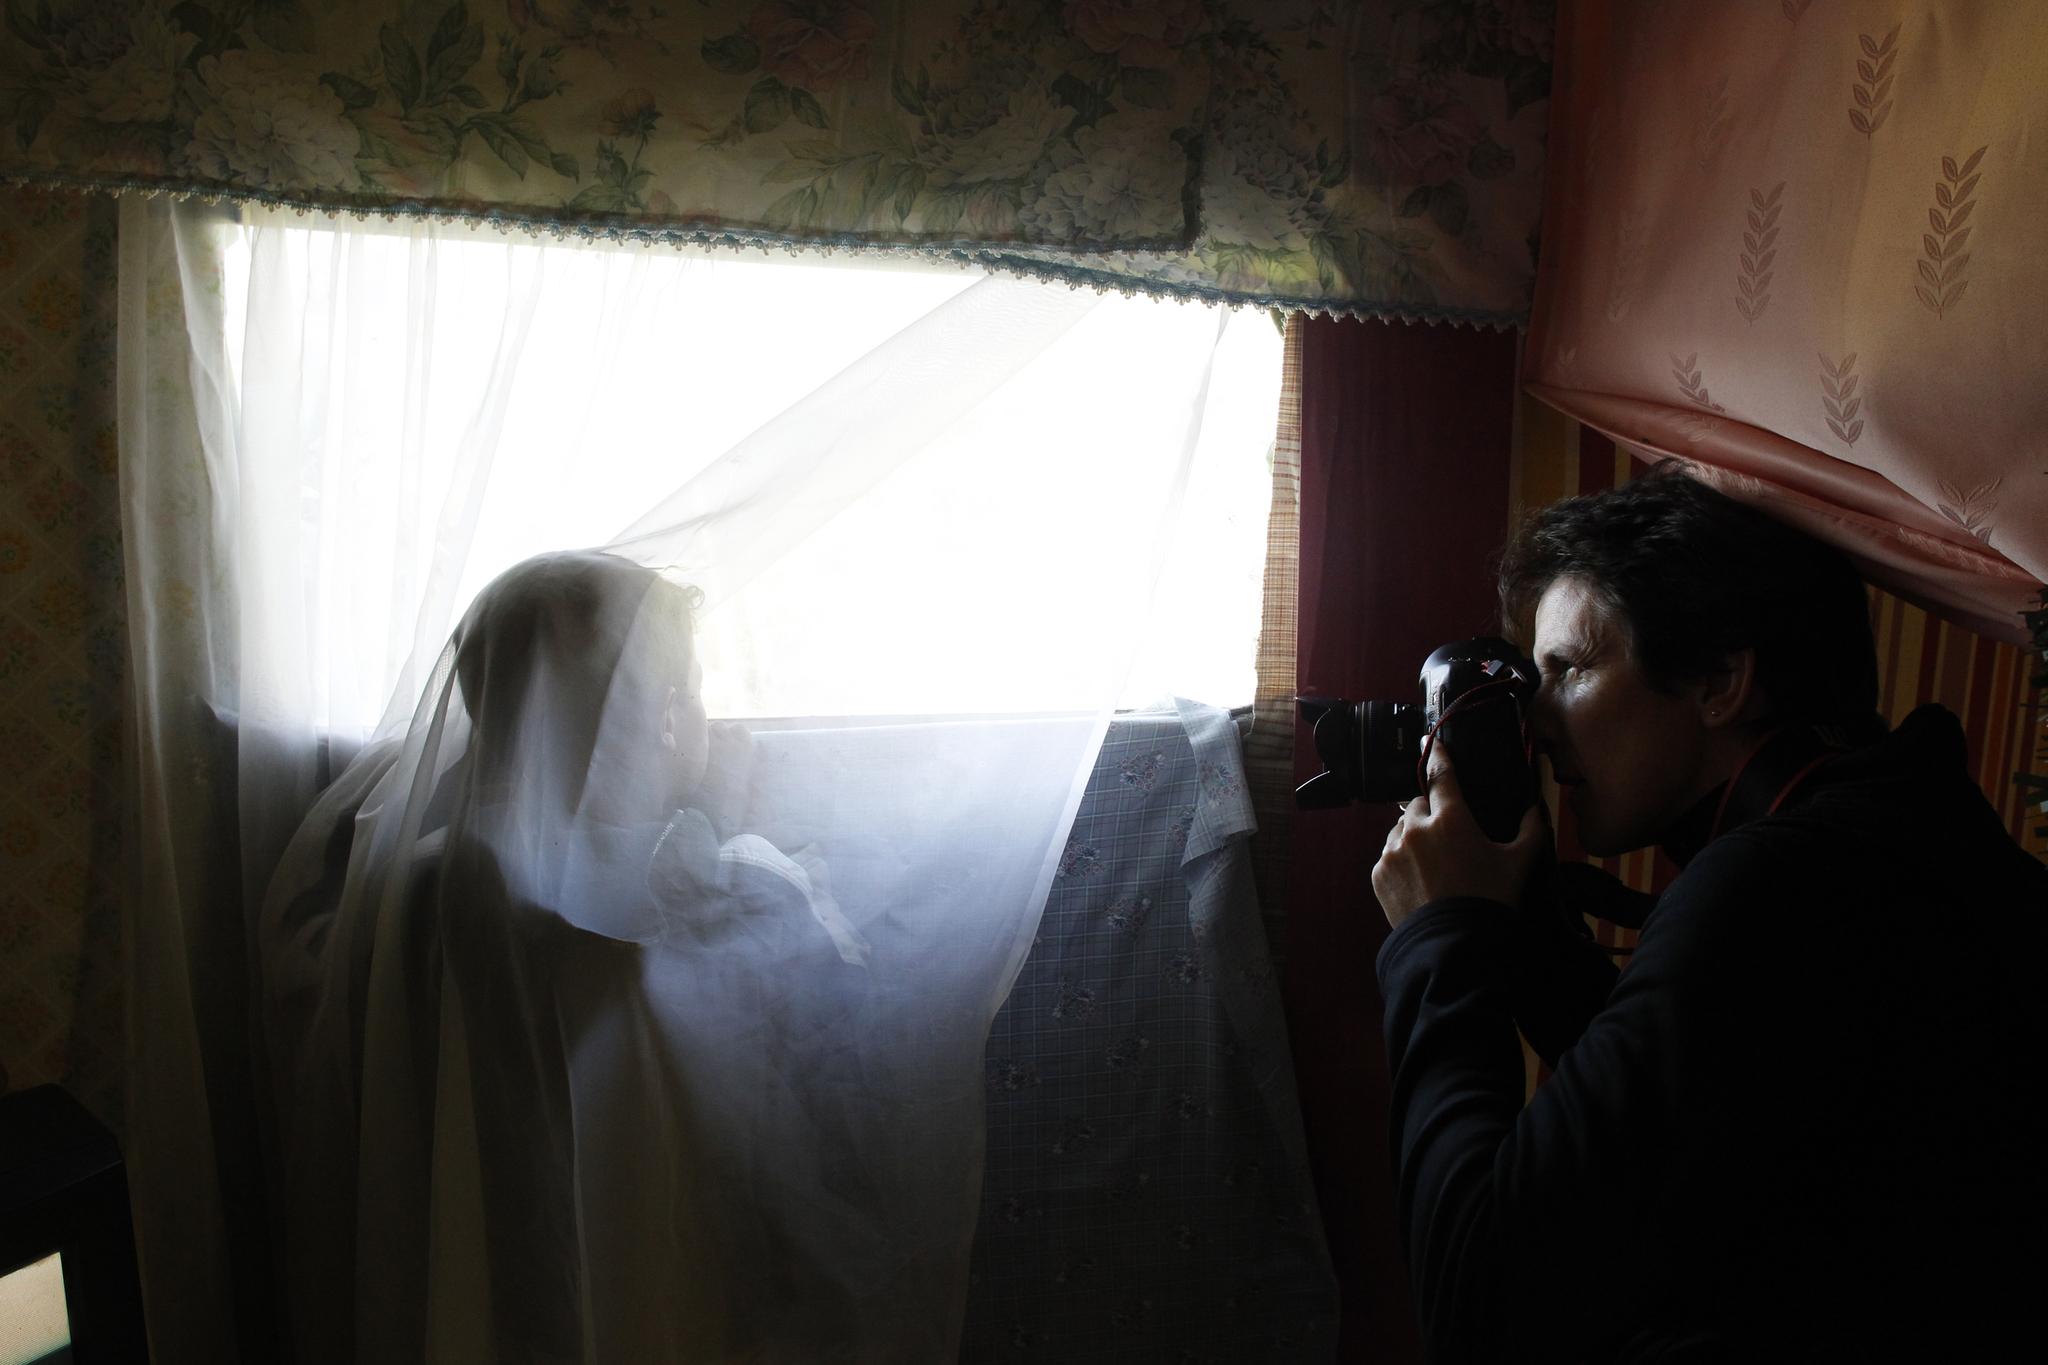 La fotógrafa Susana Vera saca fotos de un niño mirando a través de la ventana de su chabola en el antiguo asentamiento de El Gallinero a las afueras de Madrid